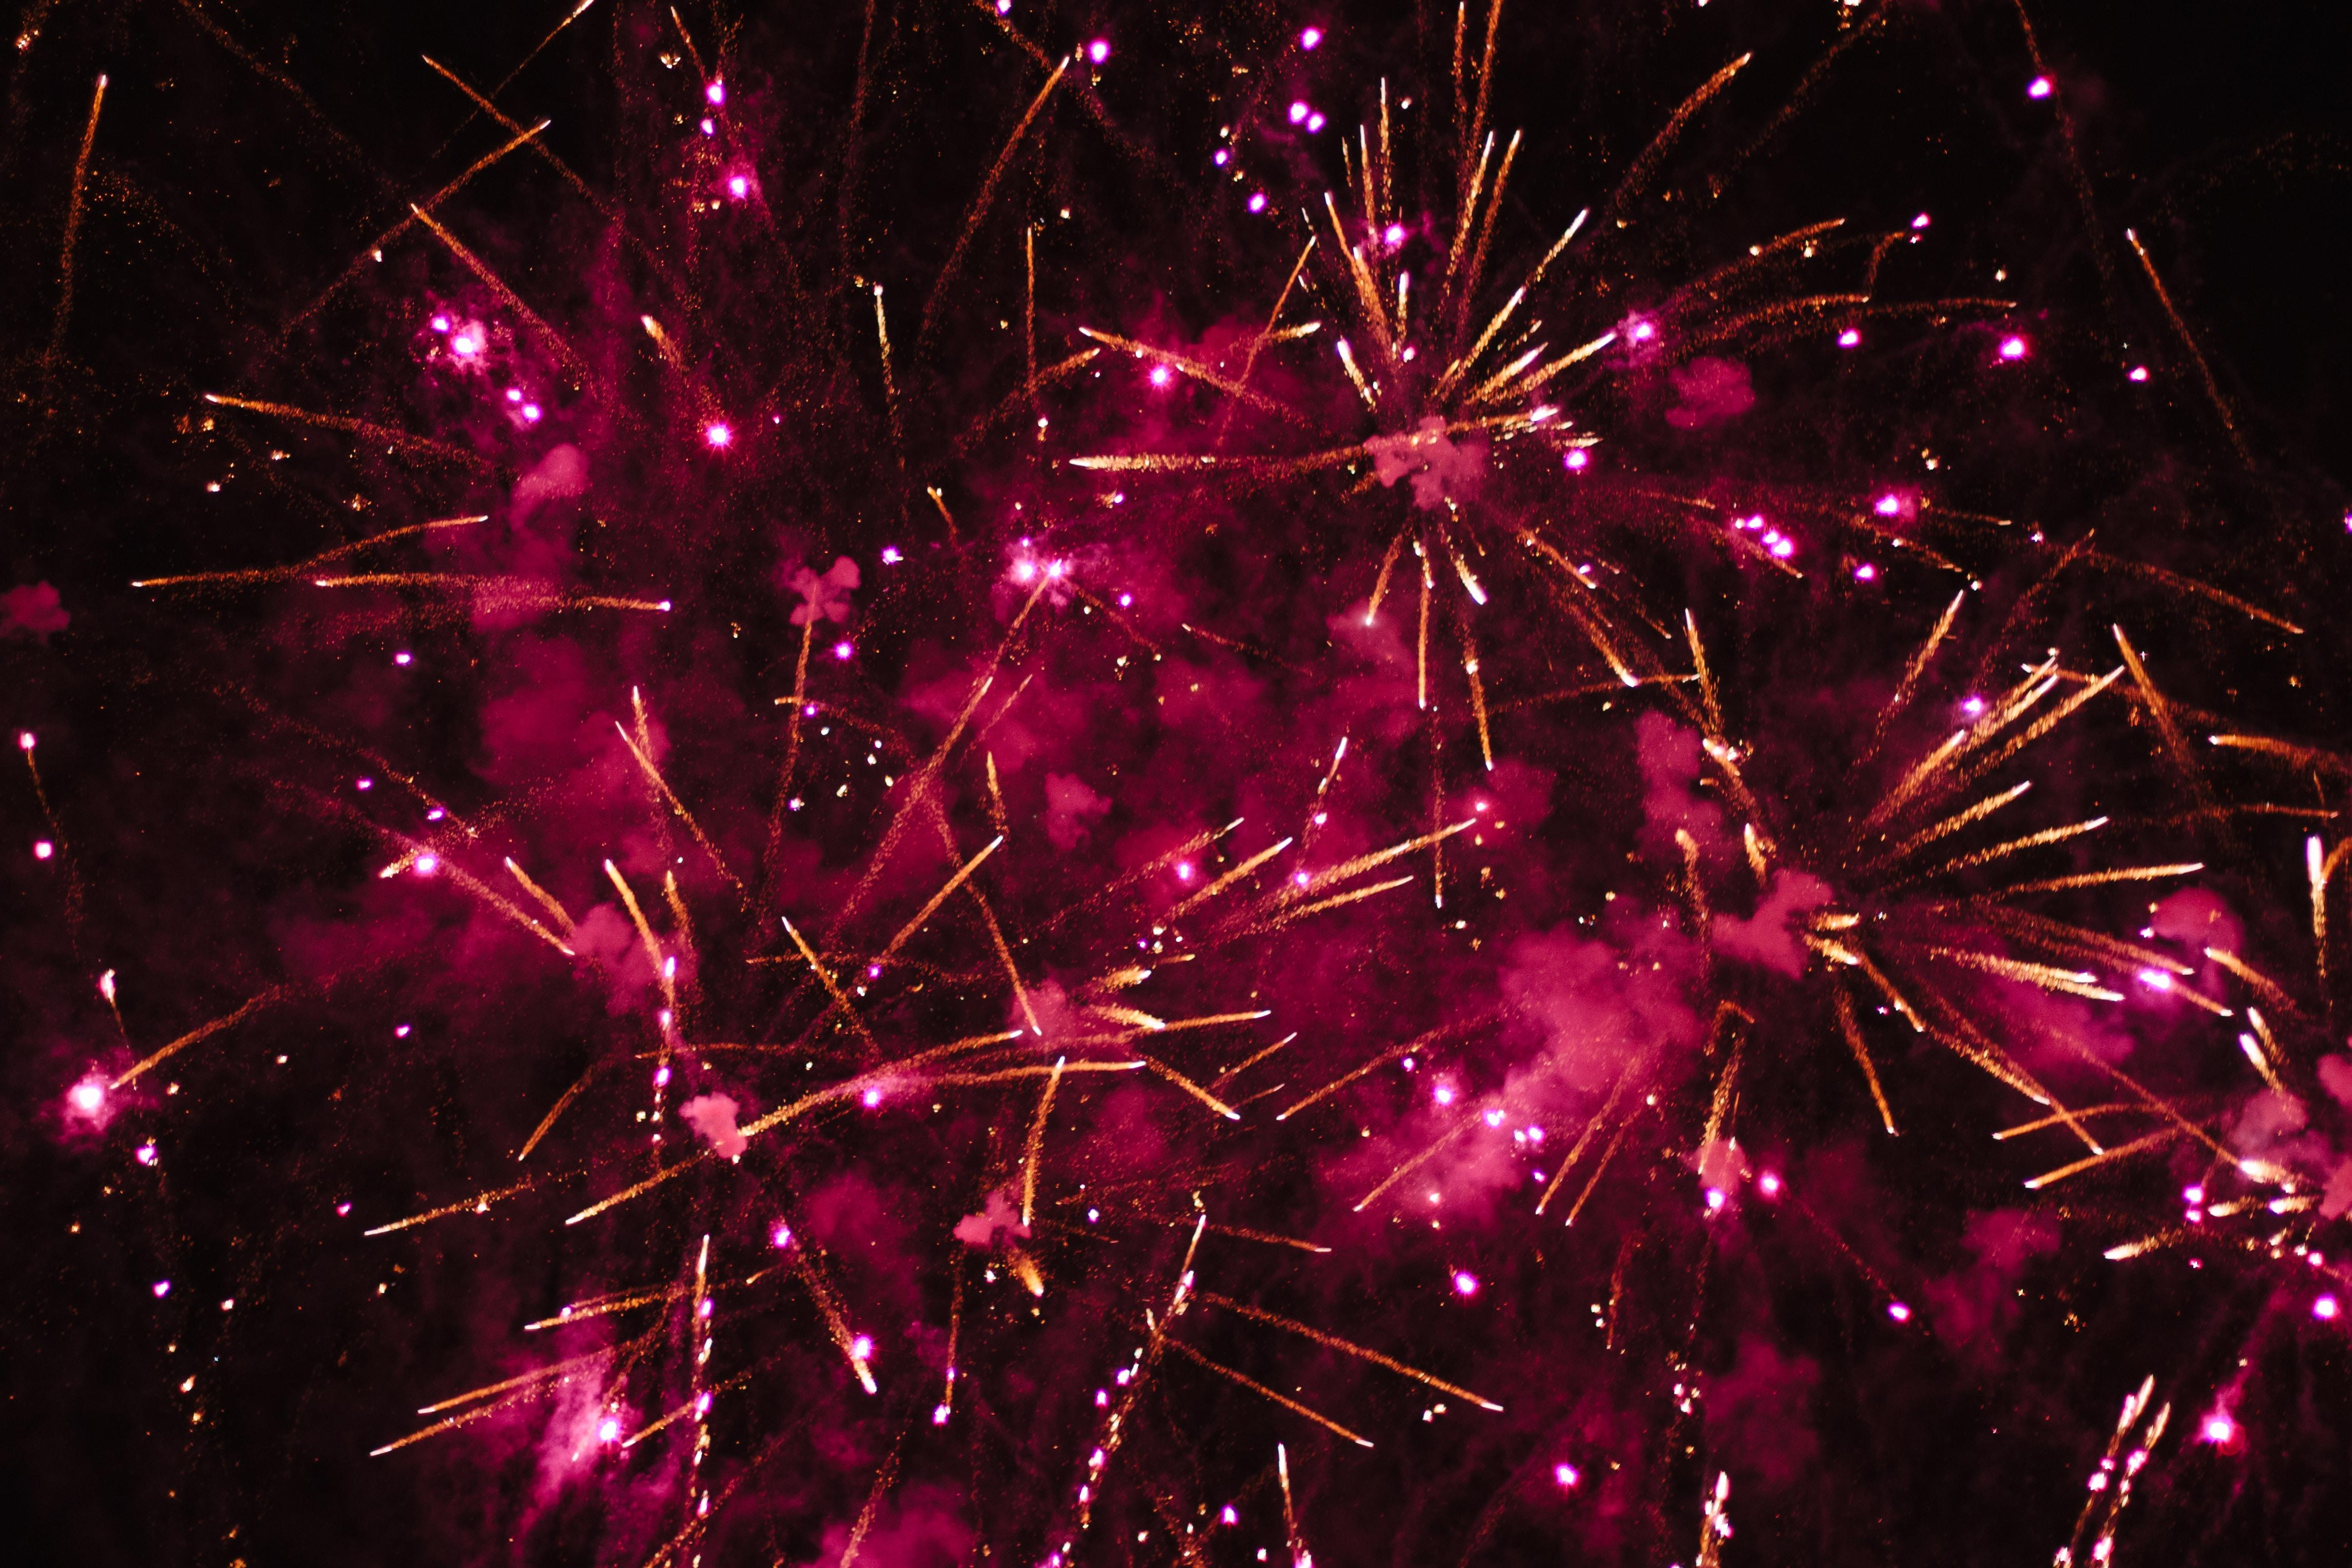 firework display at night time